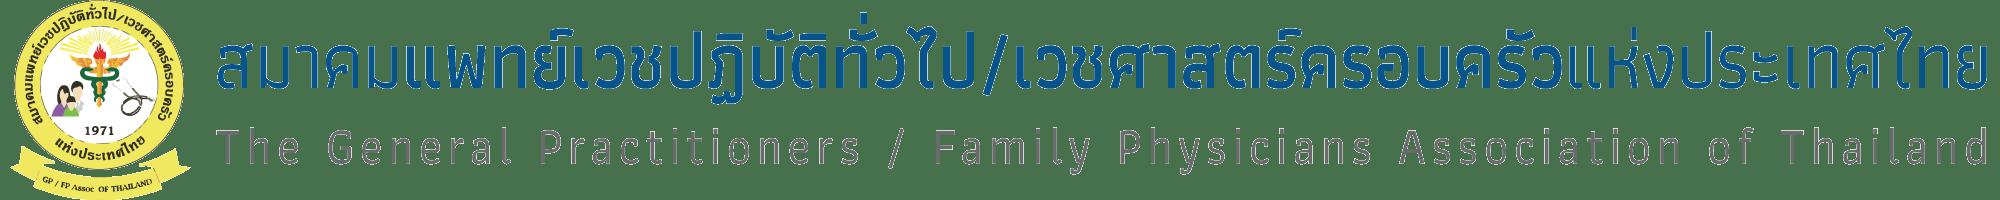 สมาคมแพทย์เวชปฏิบัติทั่วไป/เวชศาสตร์ครอบครัวแห่งประเทศไทย